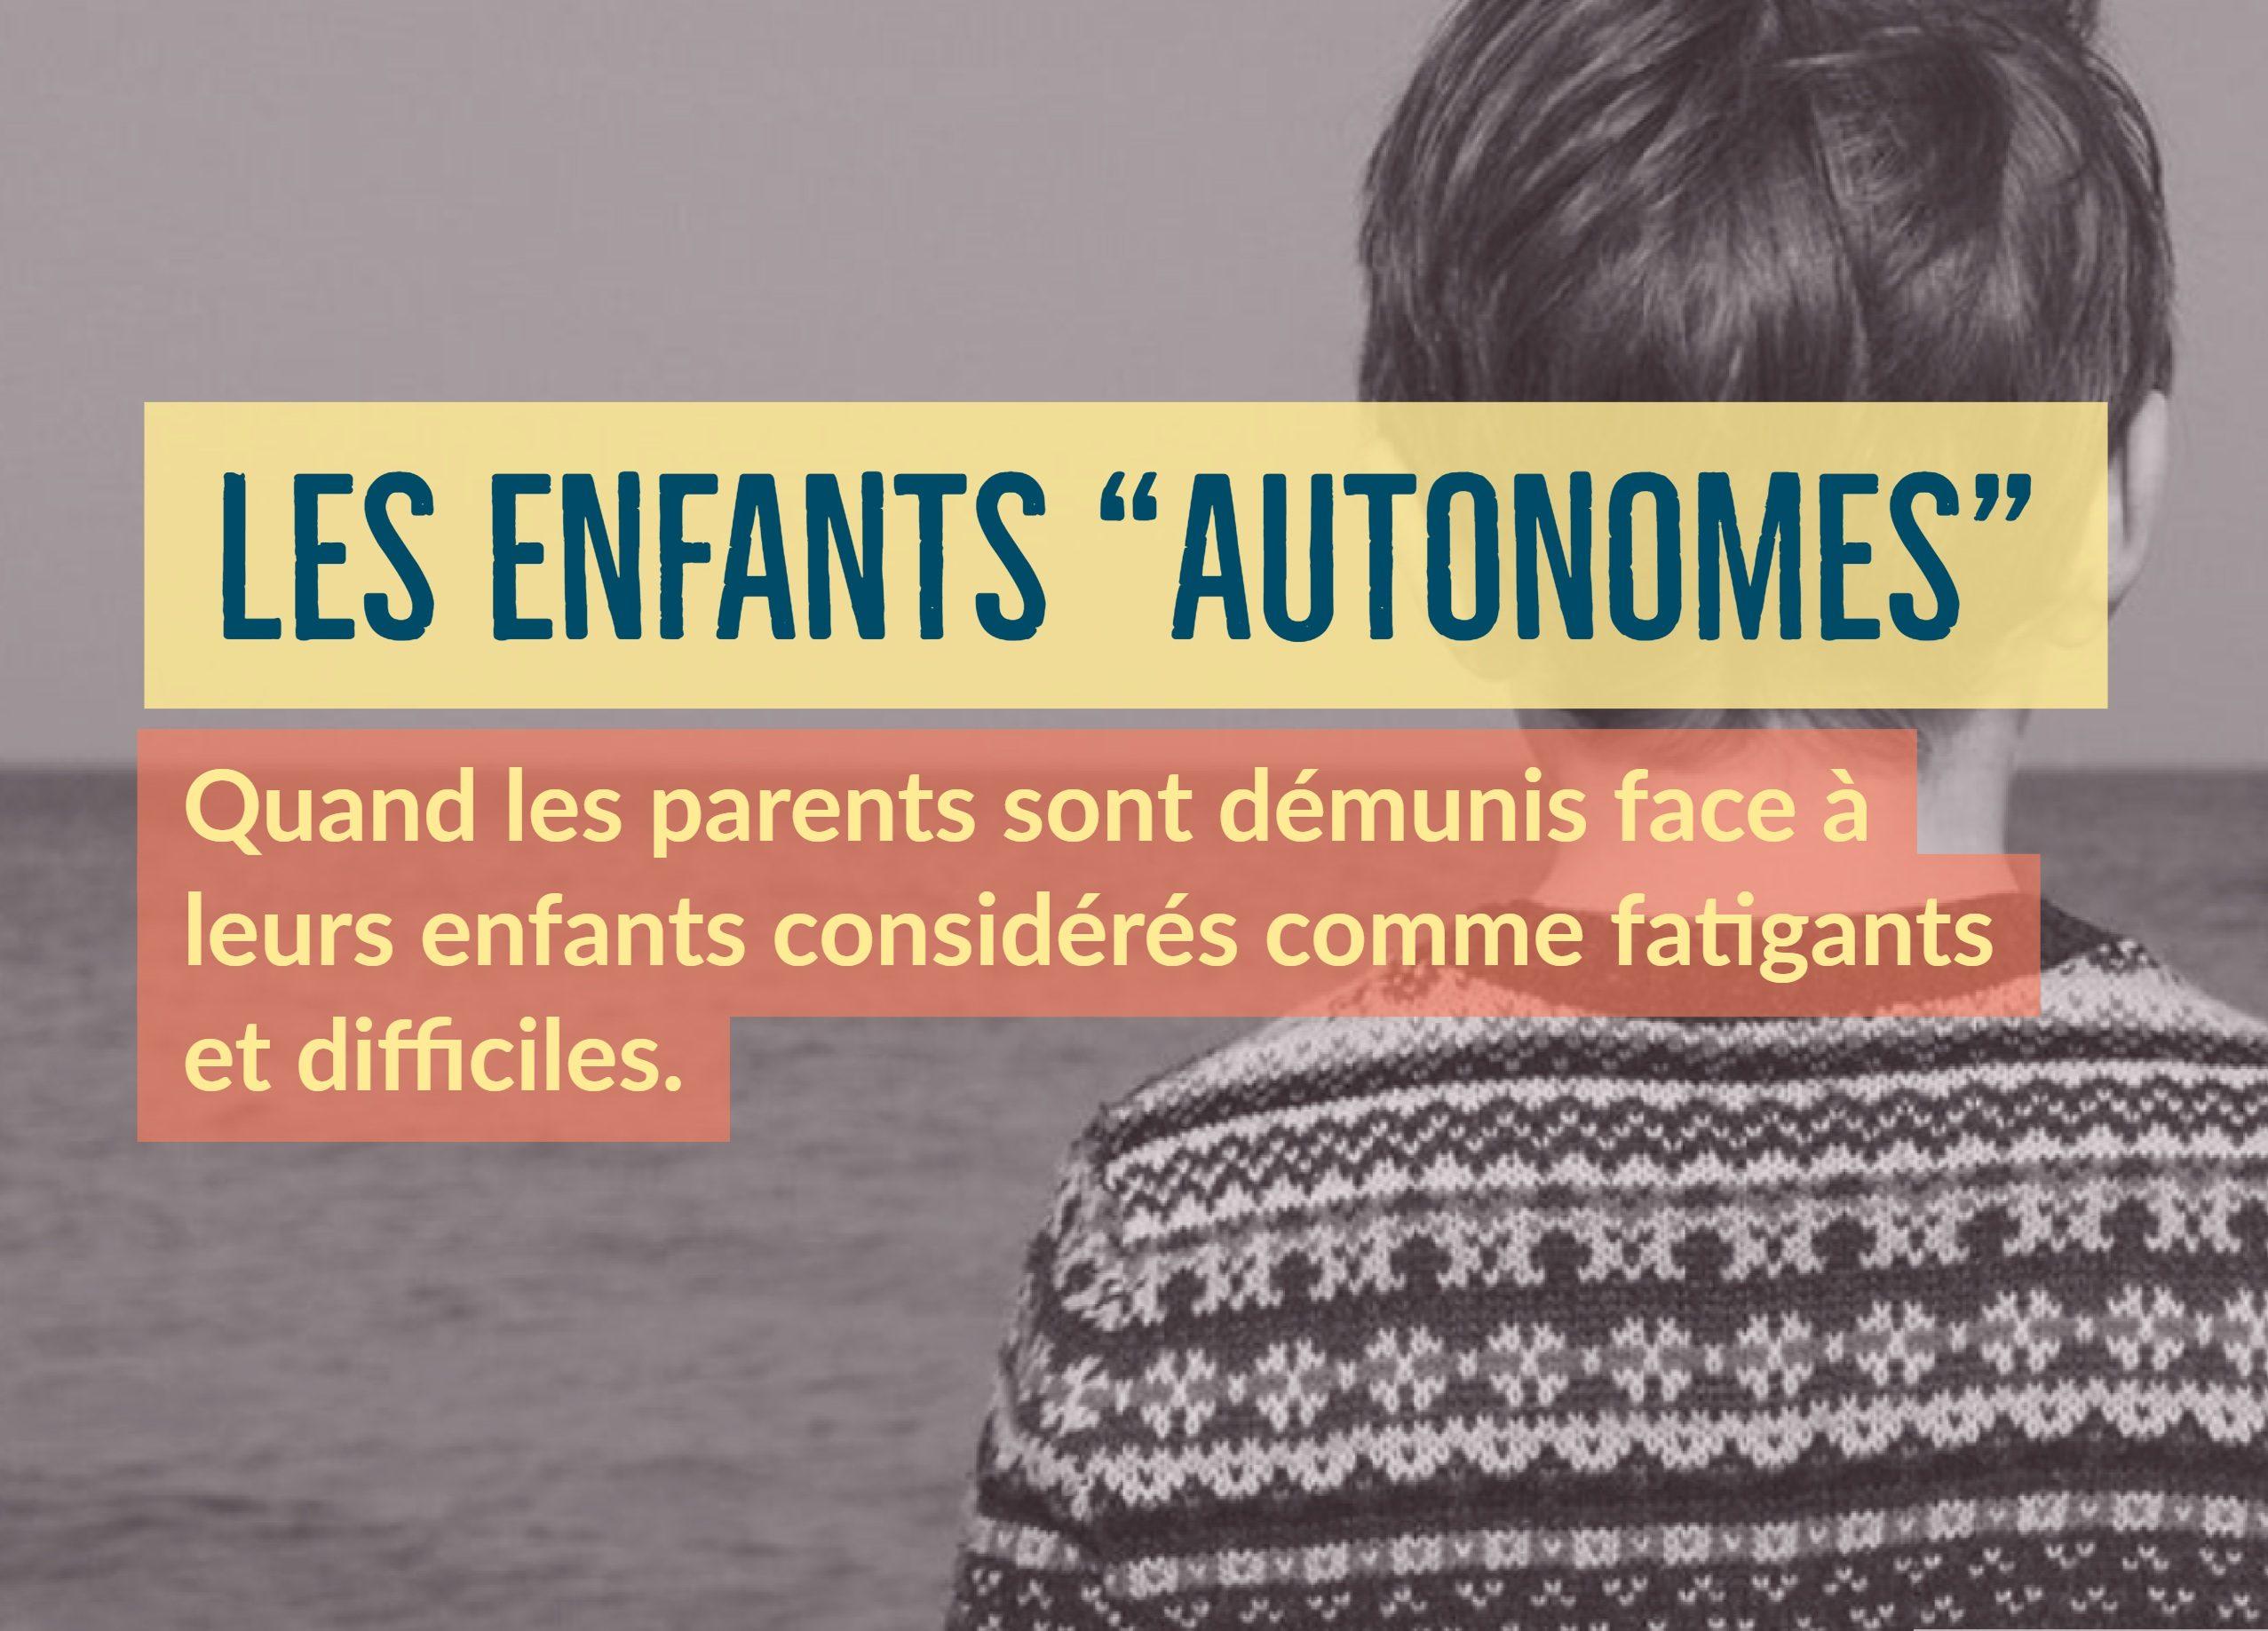 enfants autonomes parents démunis enfants fatigants difficiles